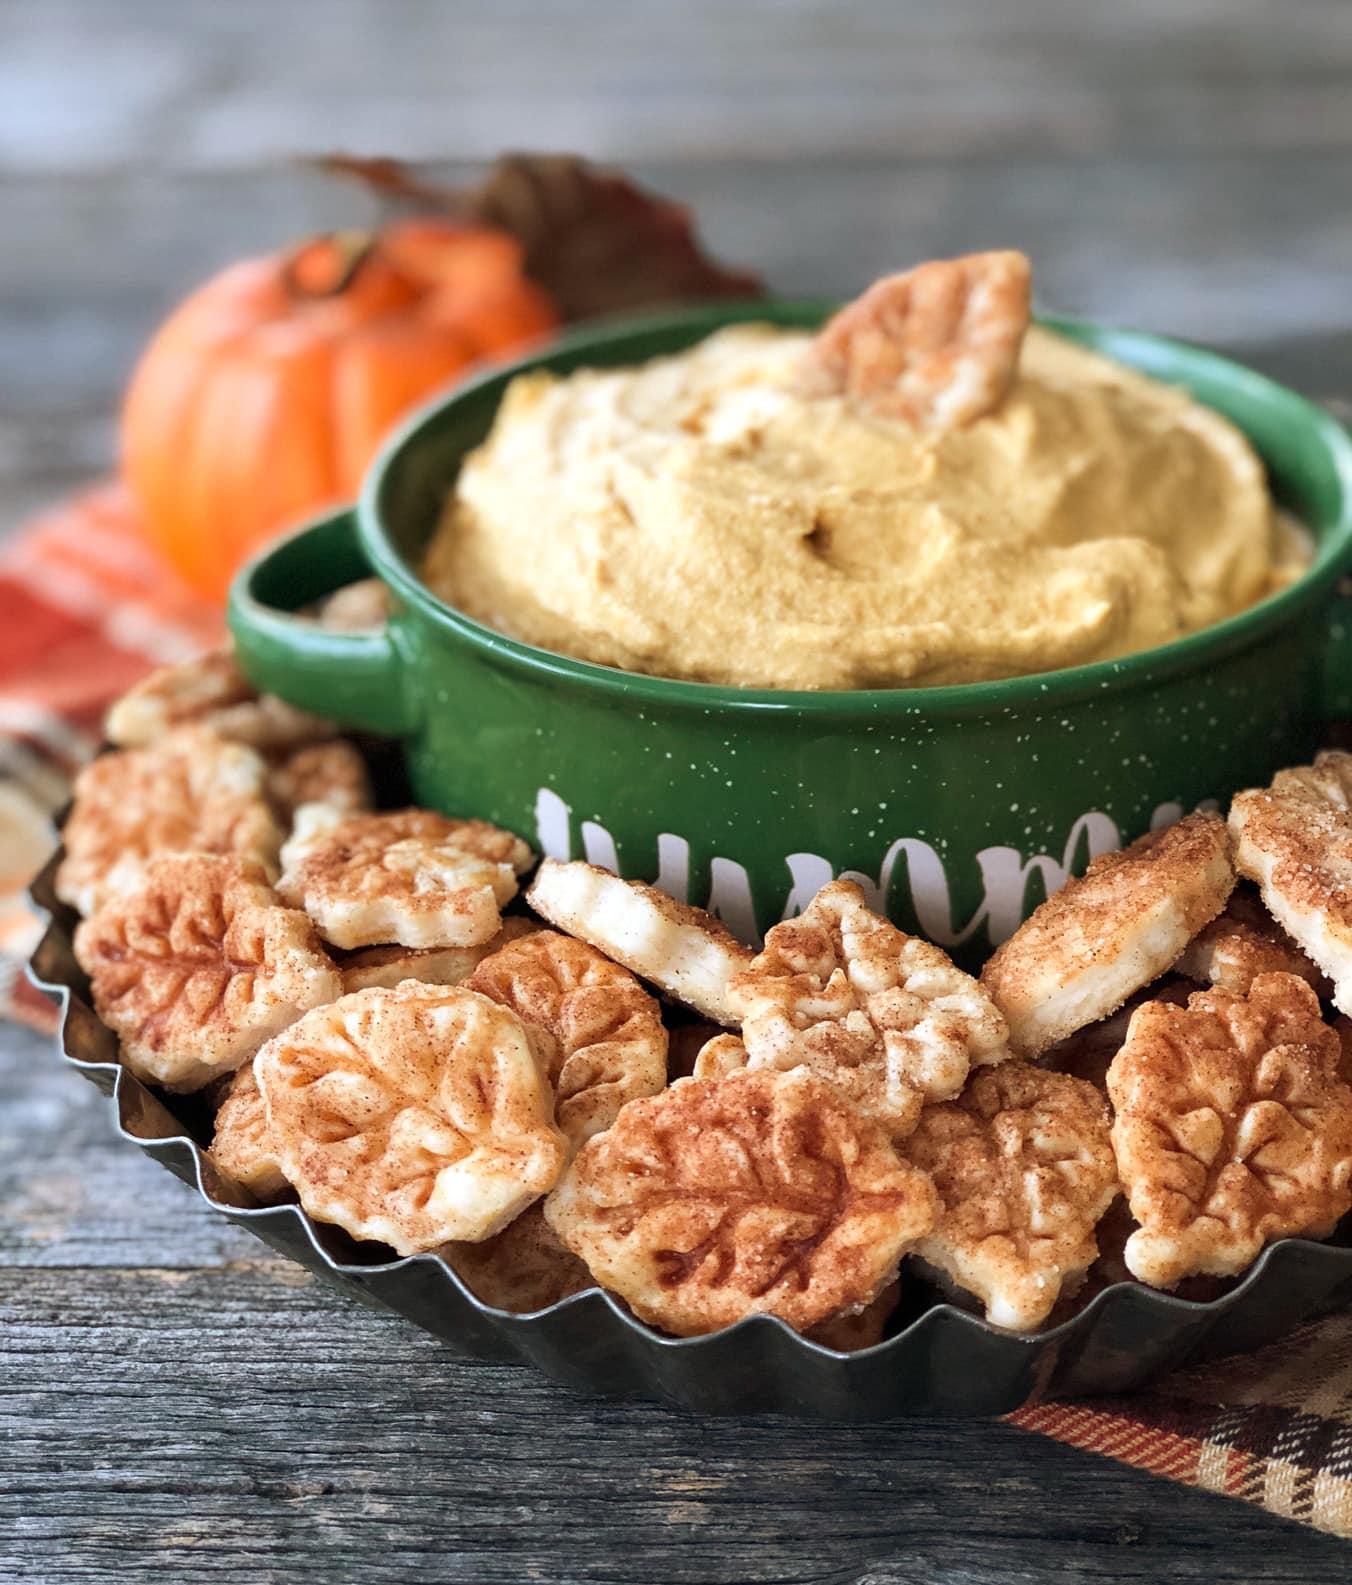 Pumpkin Pie Dip with Pie Crust Dippers